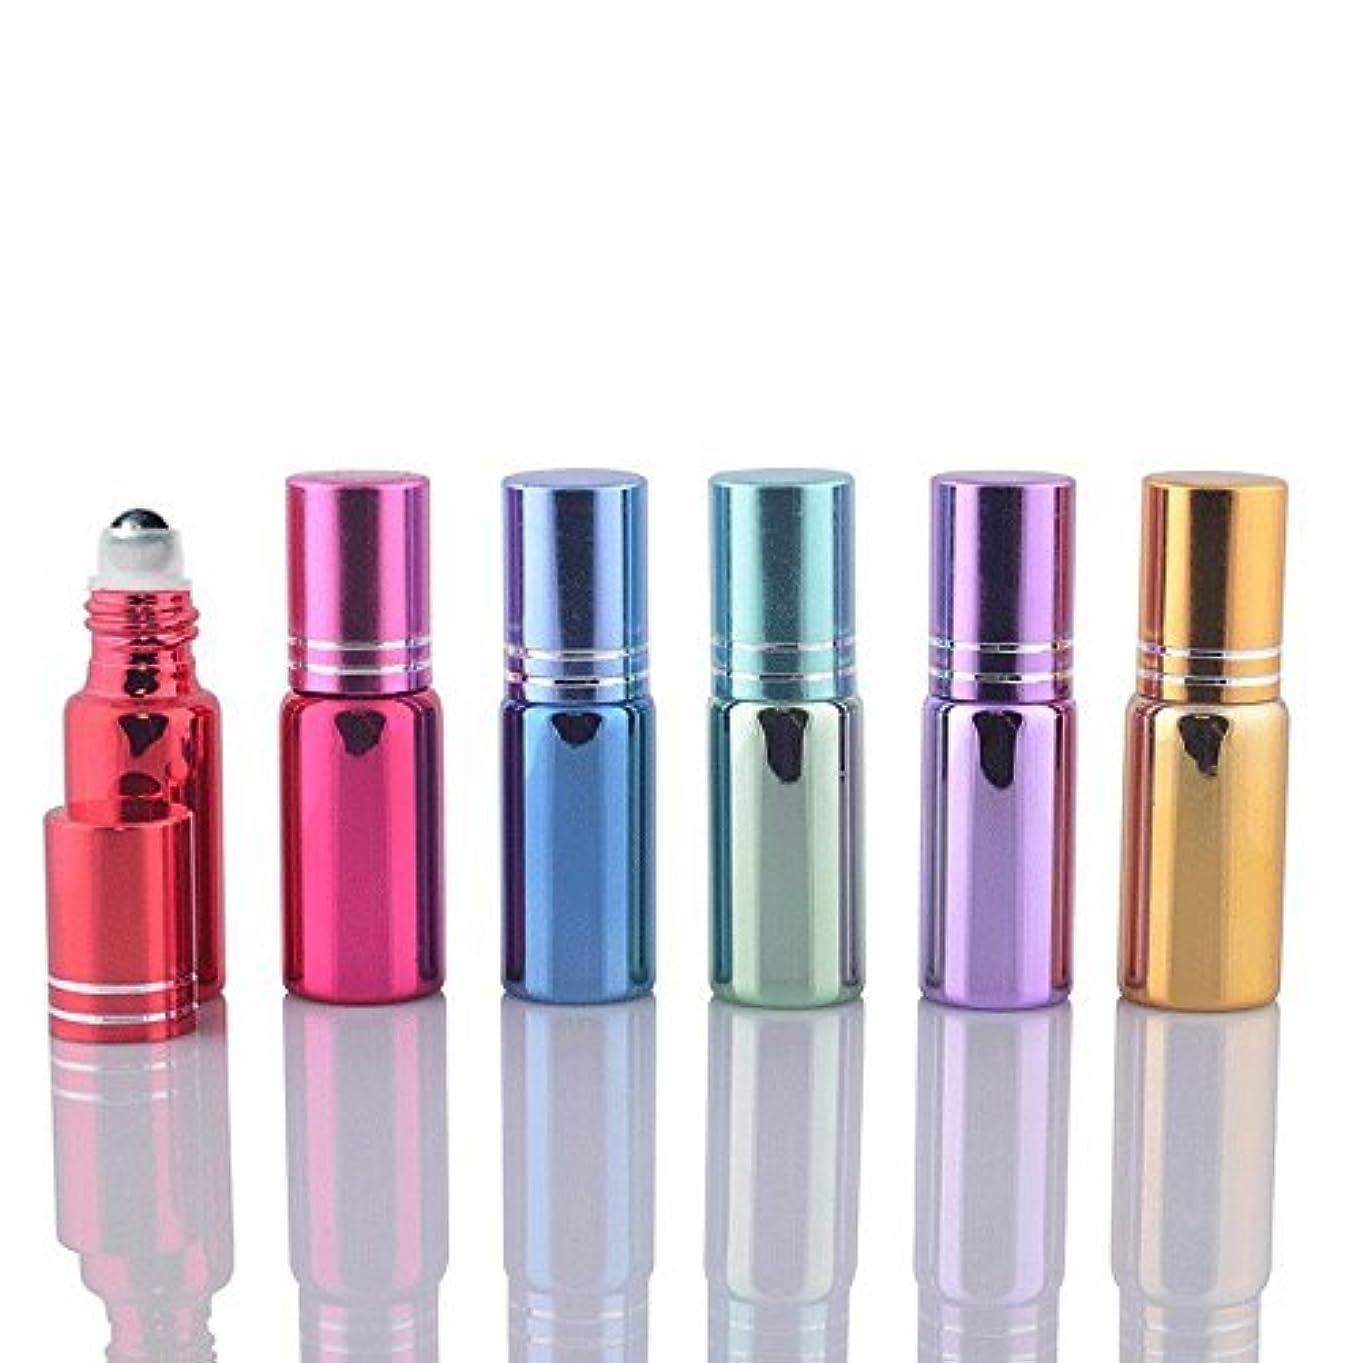 喪視力半球6 Sets Assorted 5ml UV Coated Glass Roller Ball Rollon Bottles Grand Parfums Refillable Glass Bottles with Stainless...